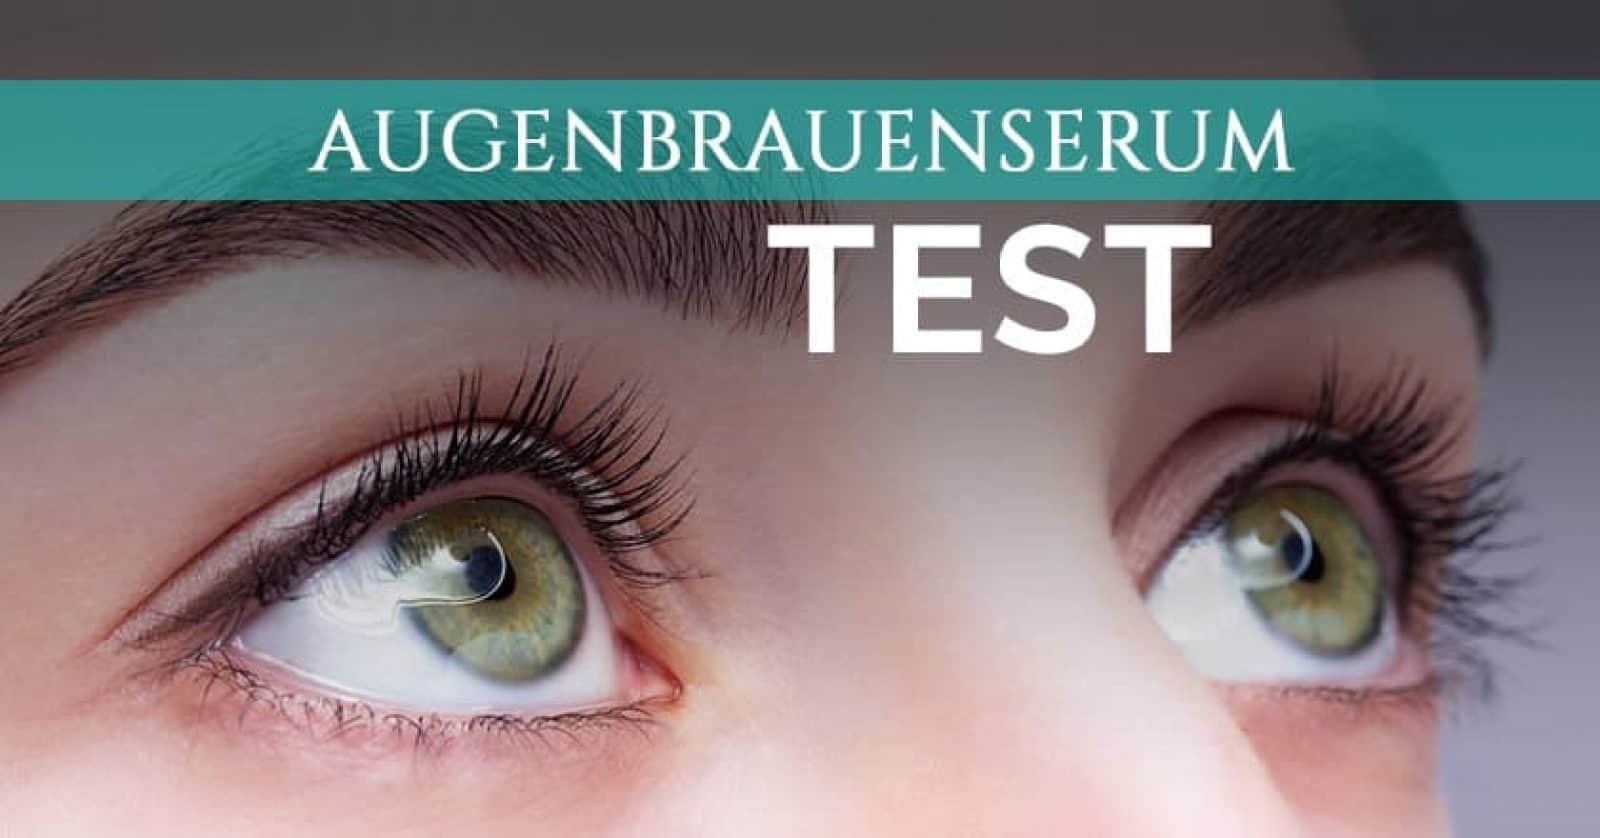 Augenbrauenserum Test 2019